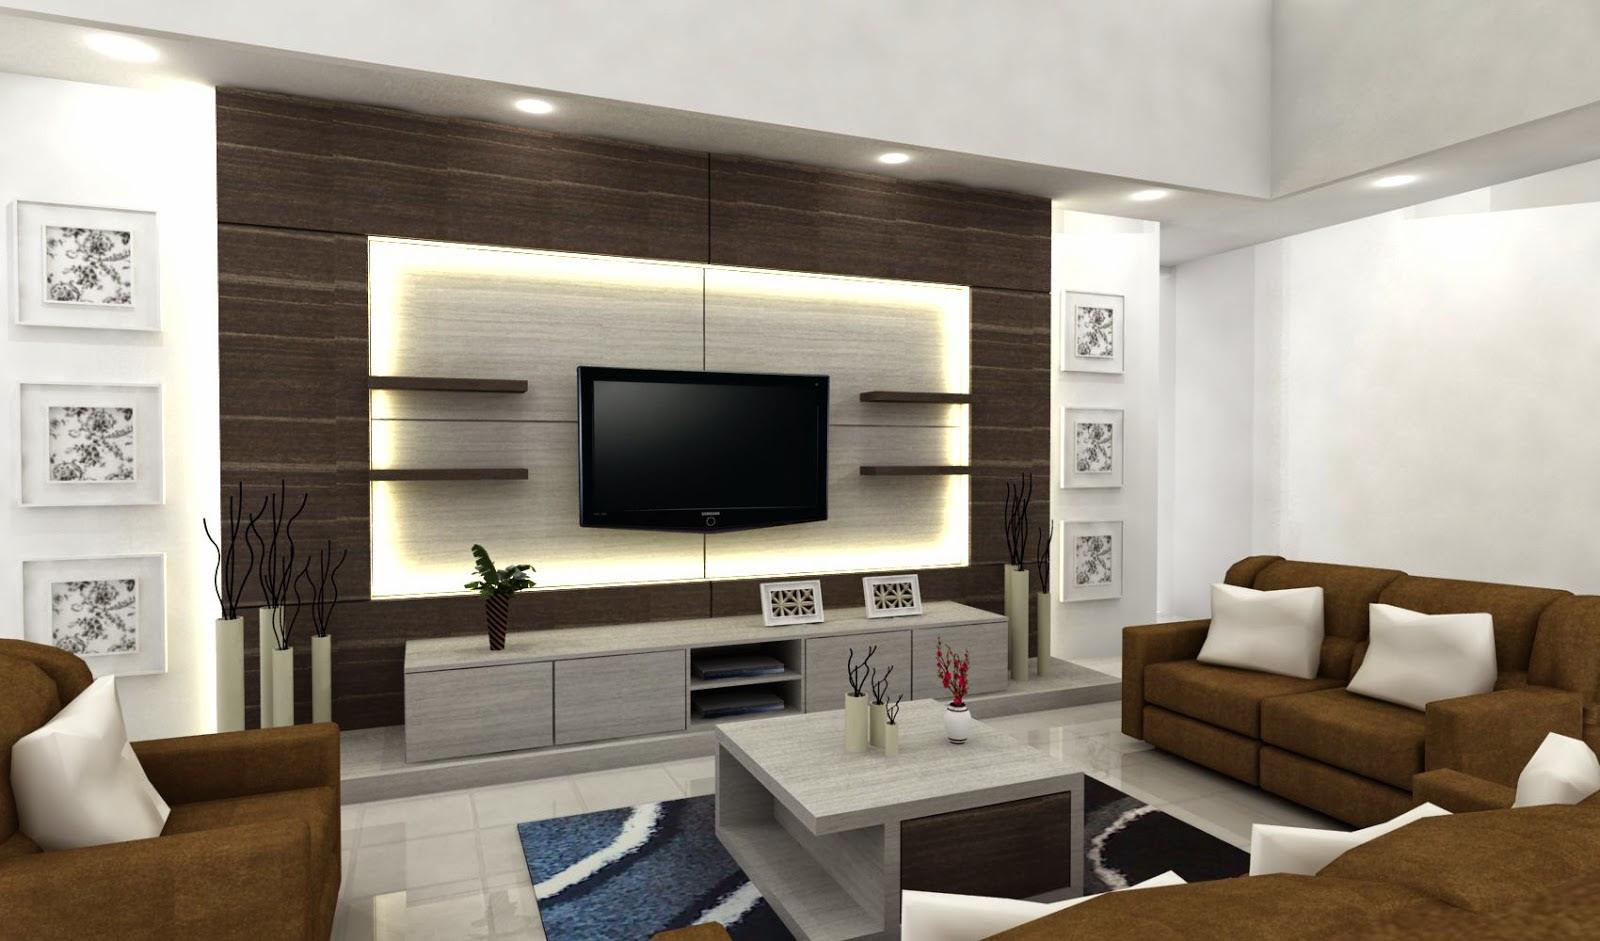 Desain Ruang Keluarga  Minimalis  3 Desain Rumah Minimalis